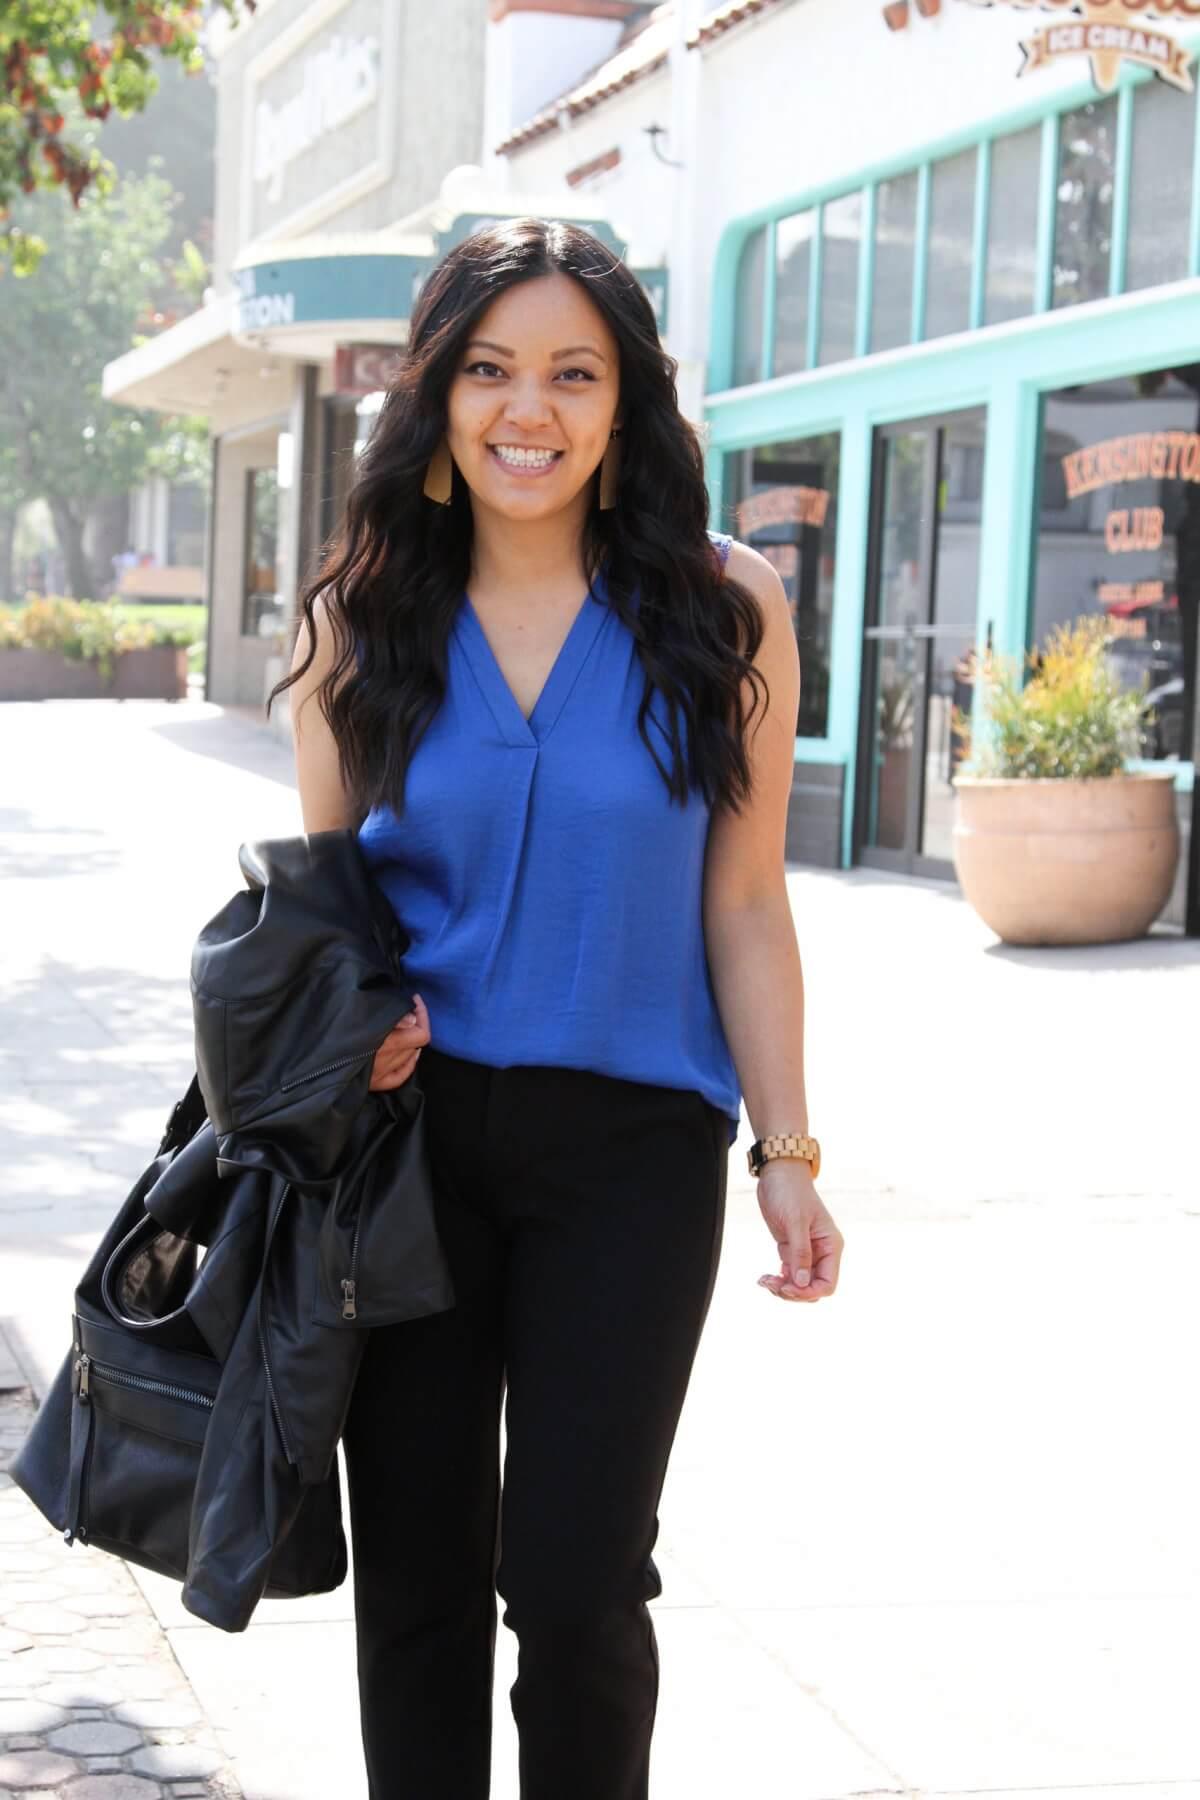 comfy work outfit for spring: blue top, black slacks, black bag